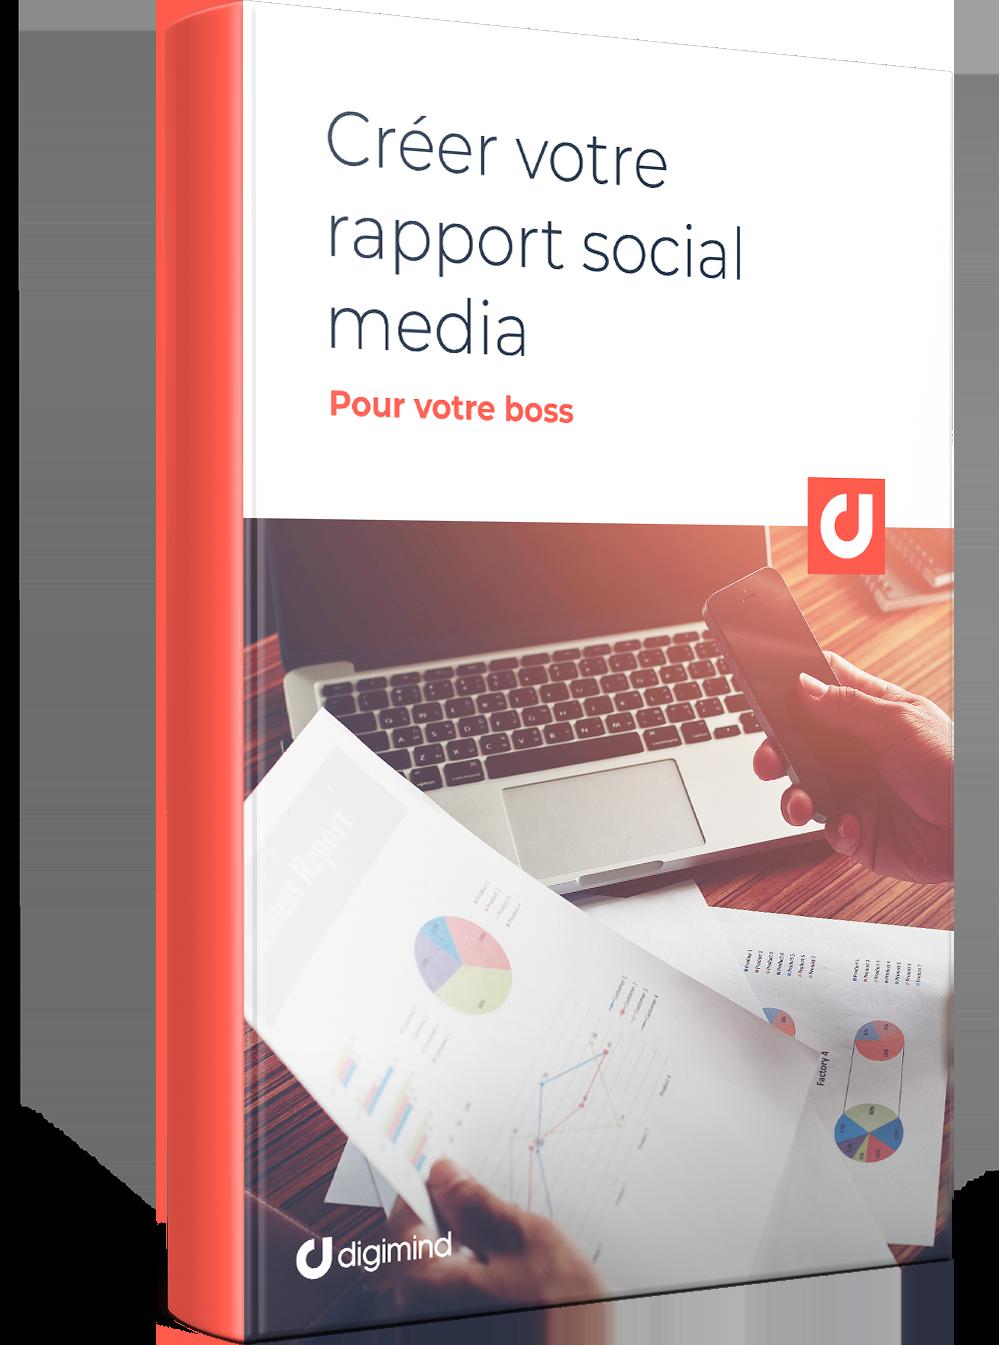 FR - Créer votre rapport social media pour votre boss_3D BOOK-2